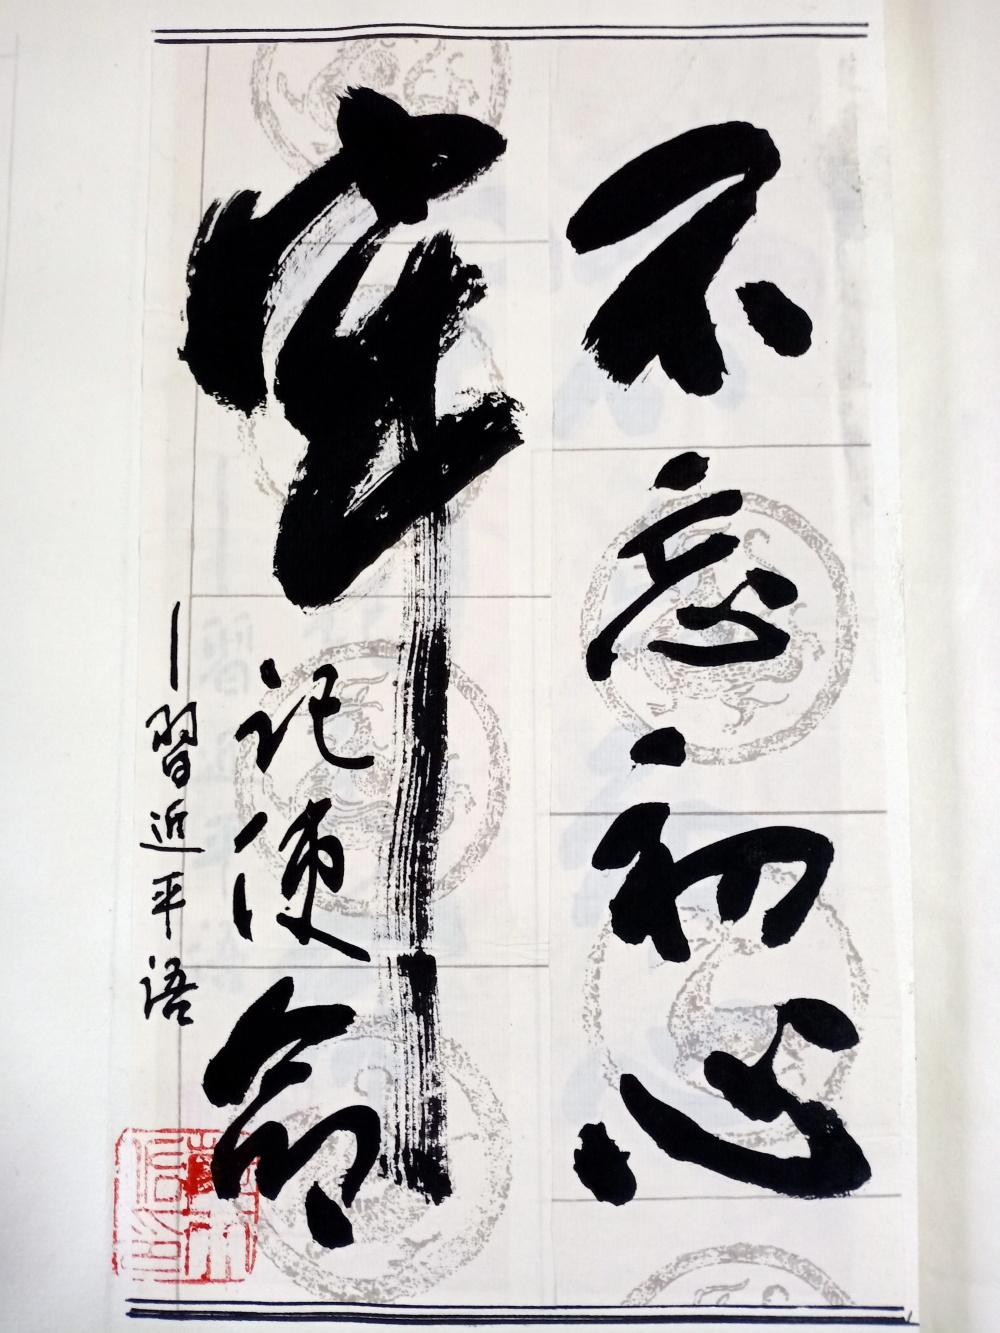 中国现代书画家——孙芹、方营然、许孔勉、薛天佑-第11张